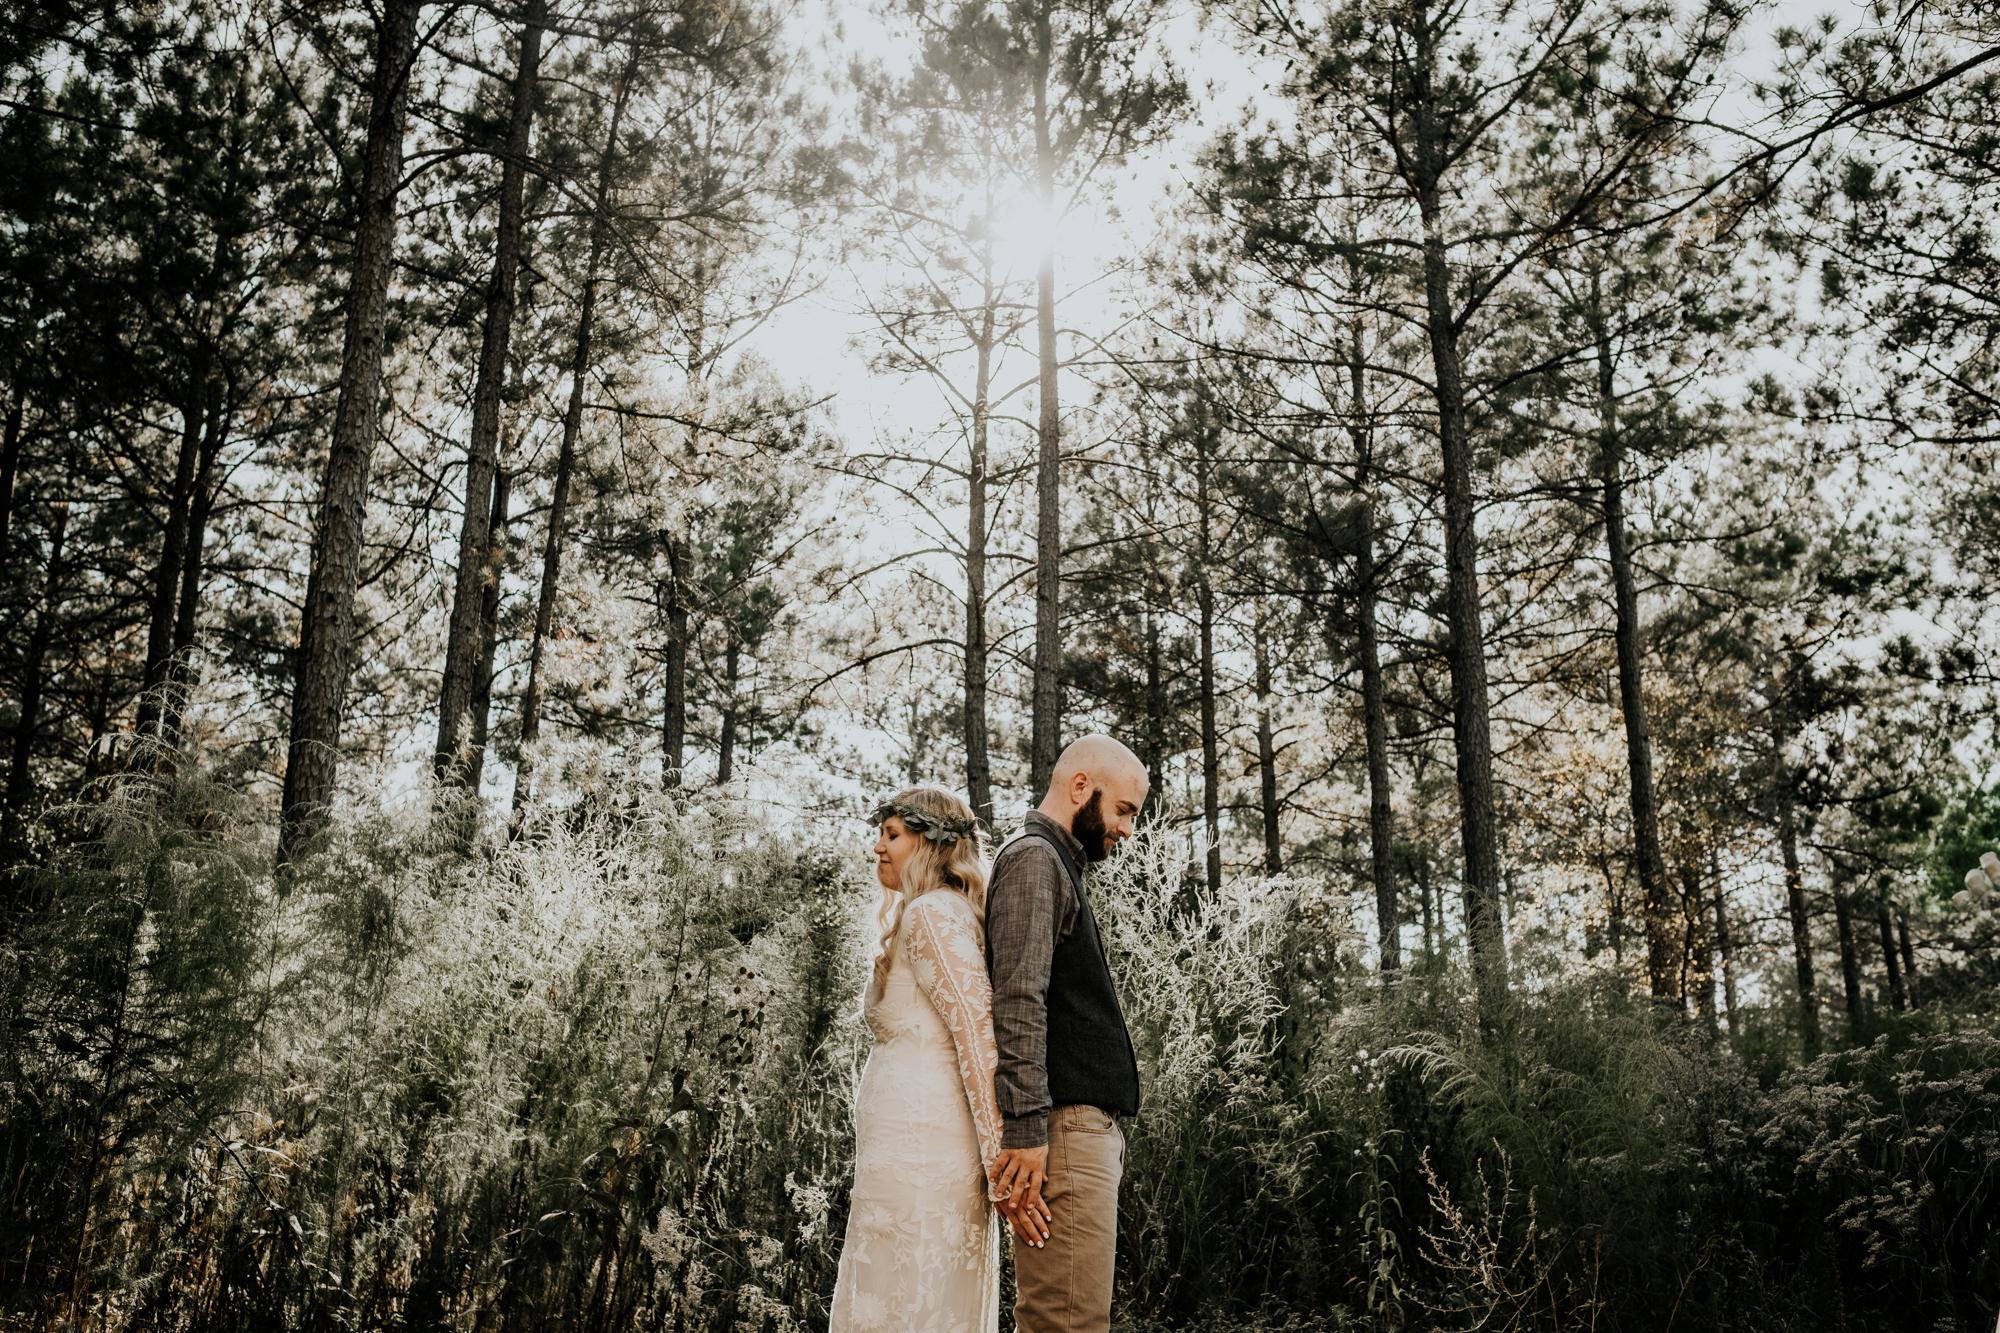 Colorado-Arizona-Intimate-Wedding-Photographer.jpg